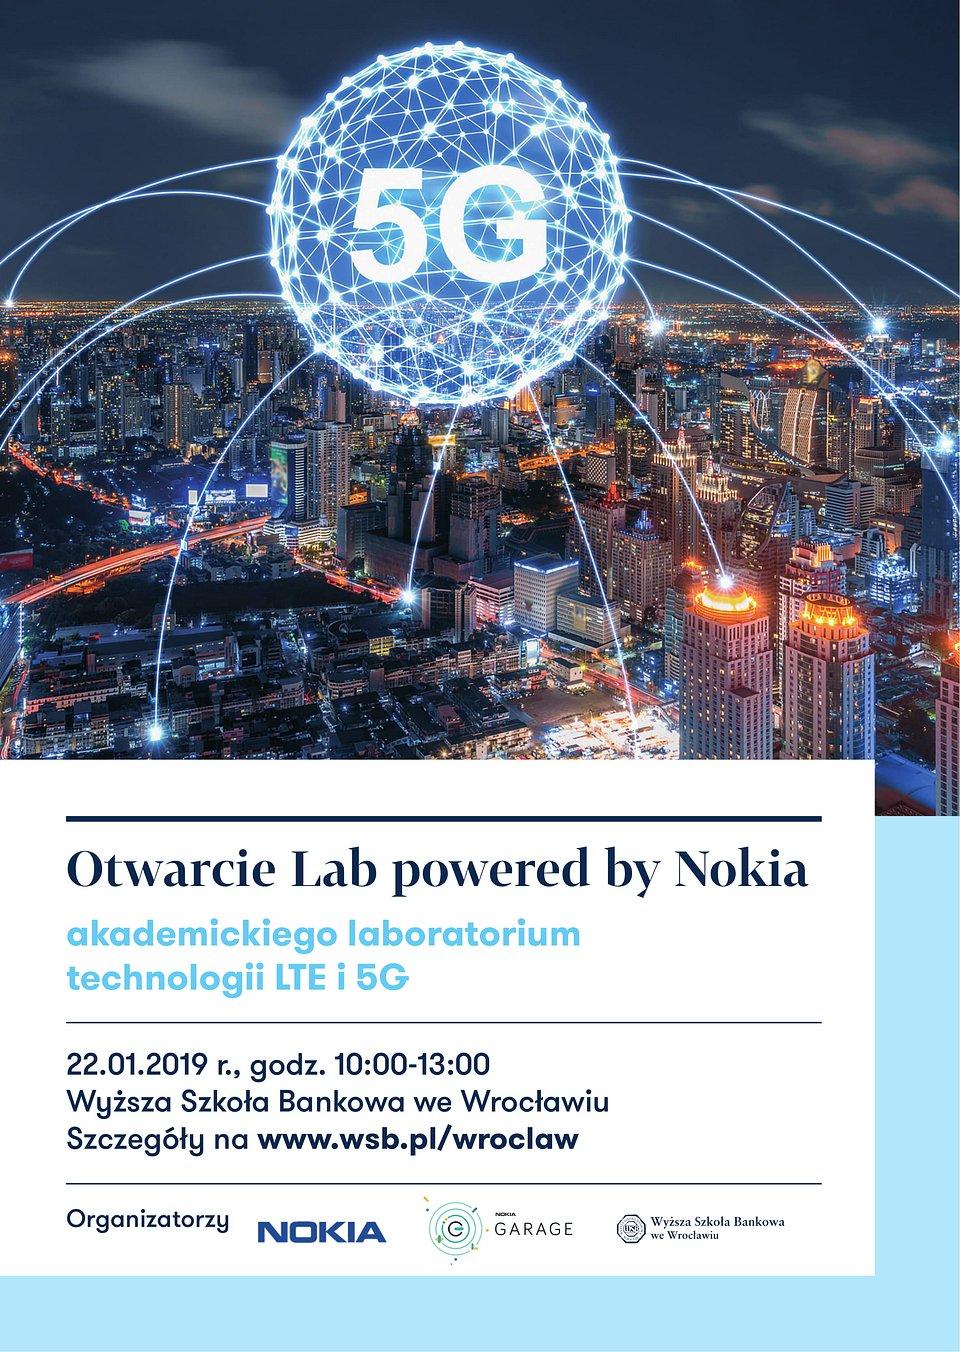 Otwarcie Lab powered by Nokia w WSB we Wrocławiu - plakat informacyjny